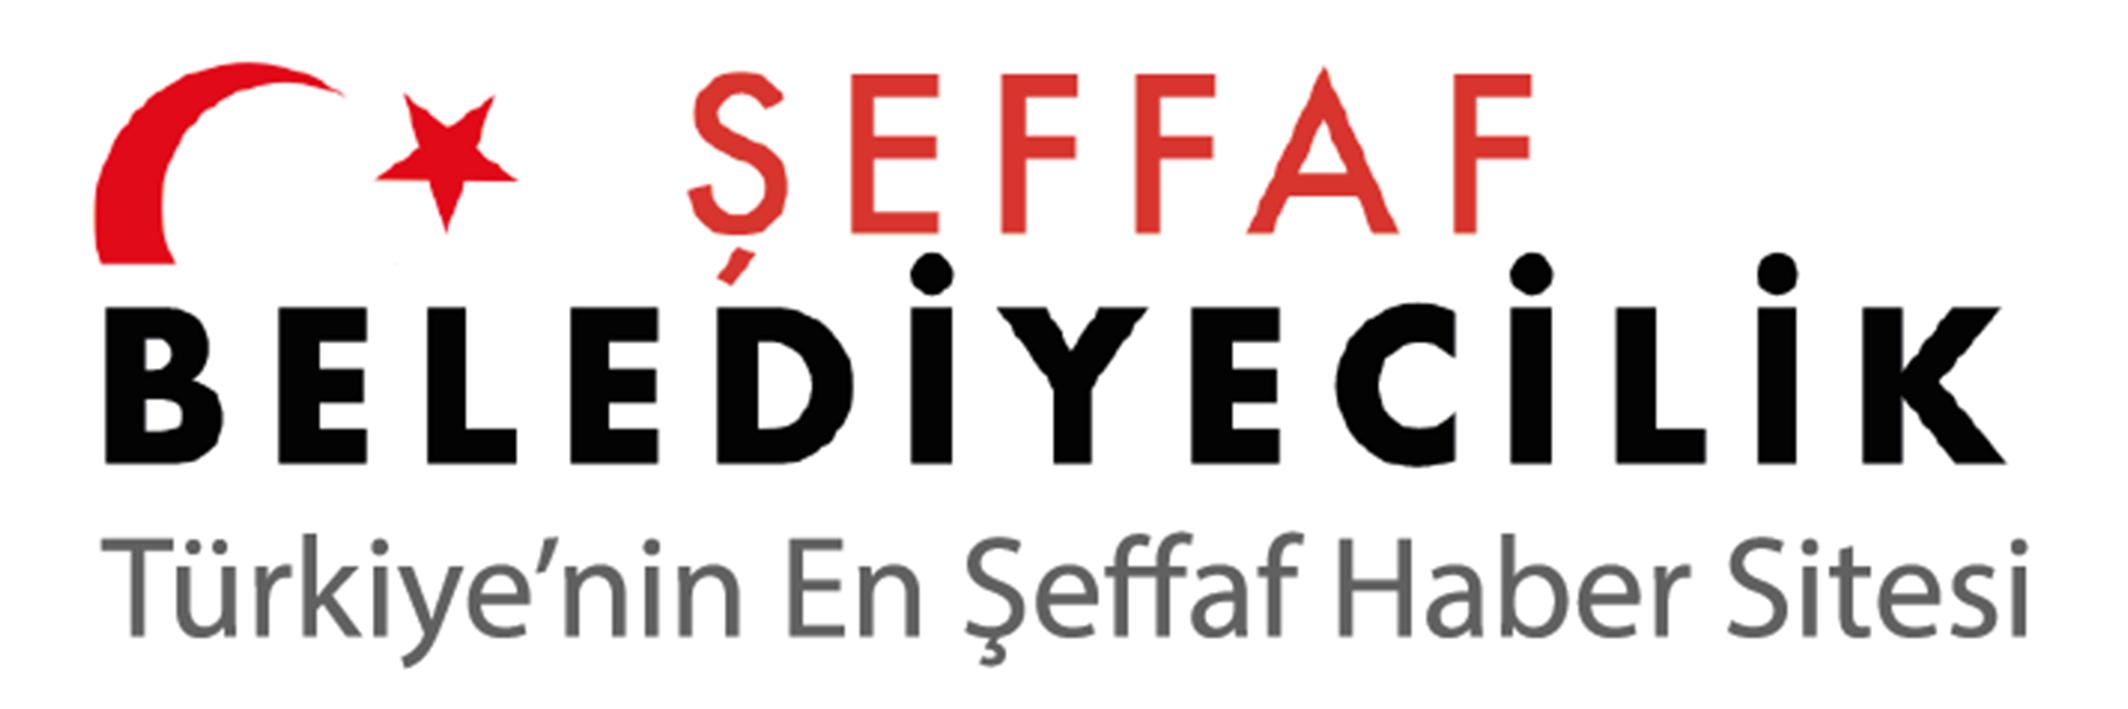 Şeffaf Belediyecilik - Yerel Yönetimlerin En Şeffaf Buluşma Adresi